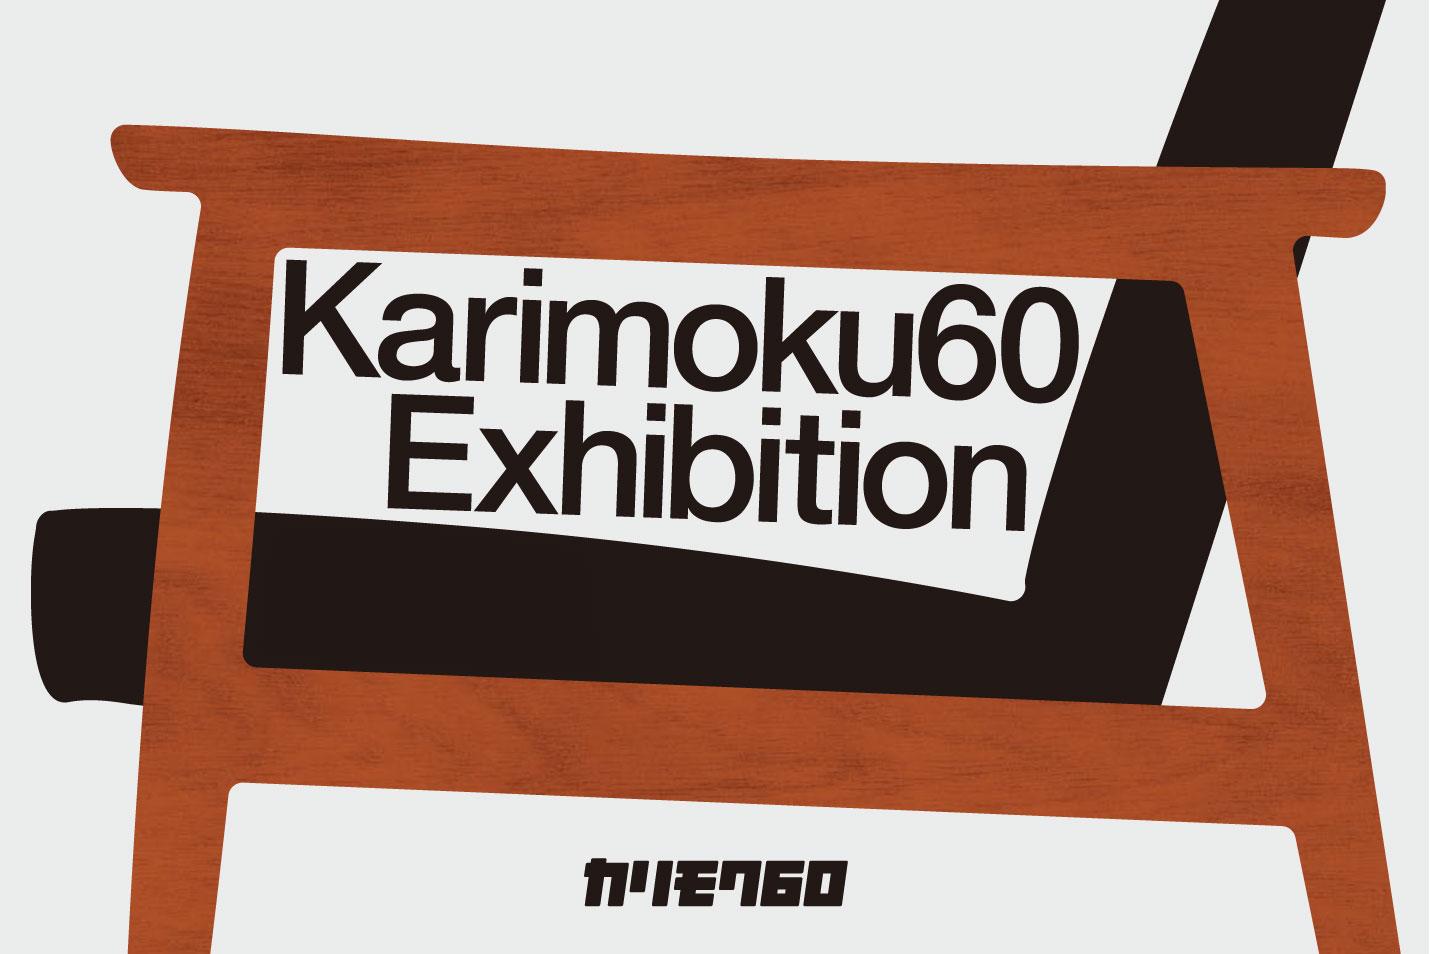 カリモク60 Kチェア グランブルー